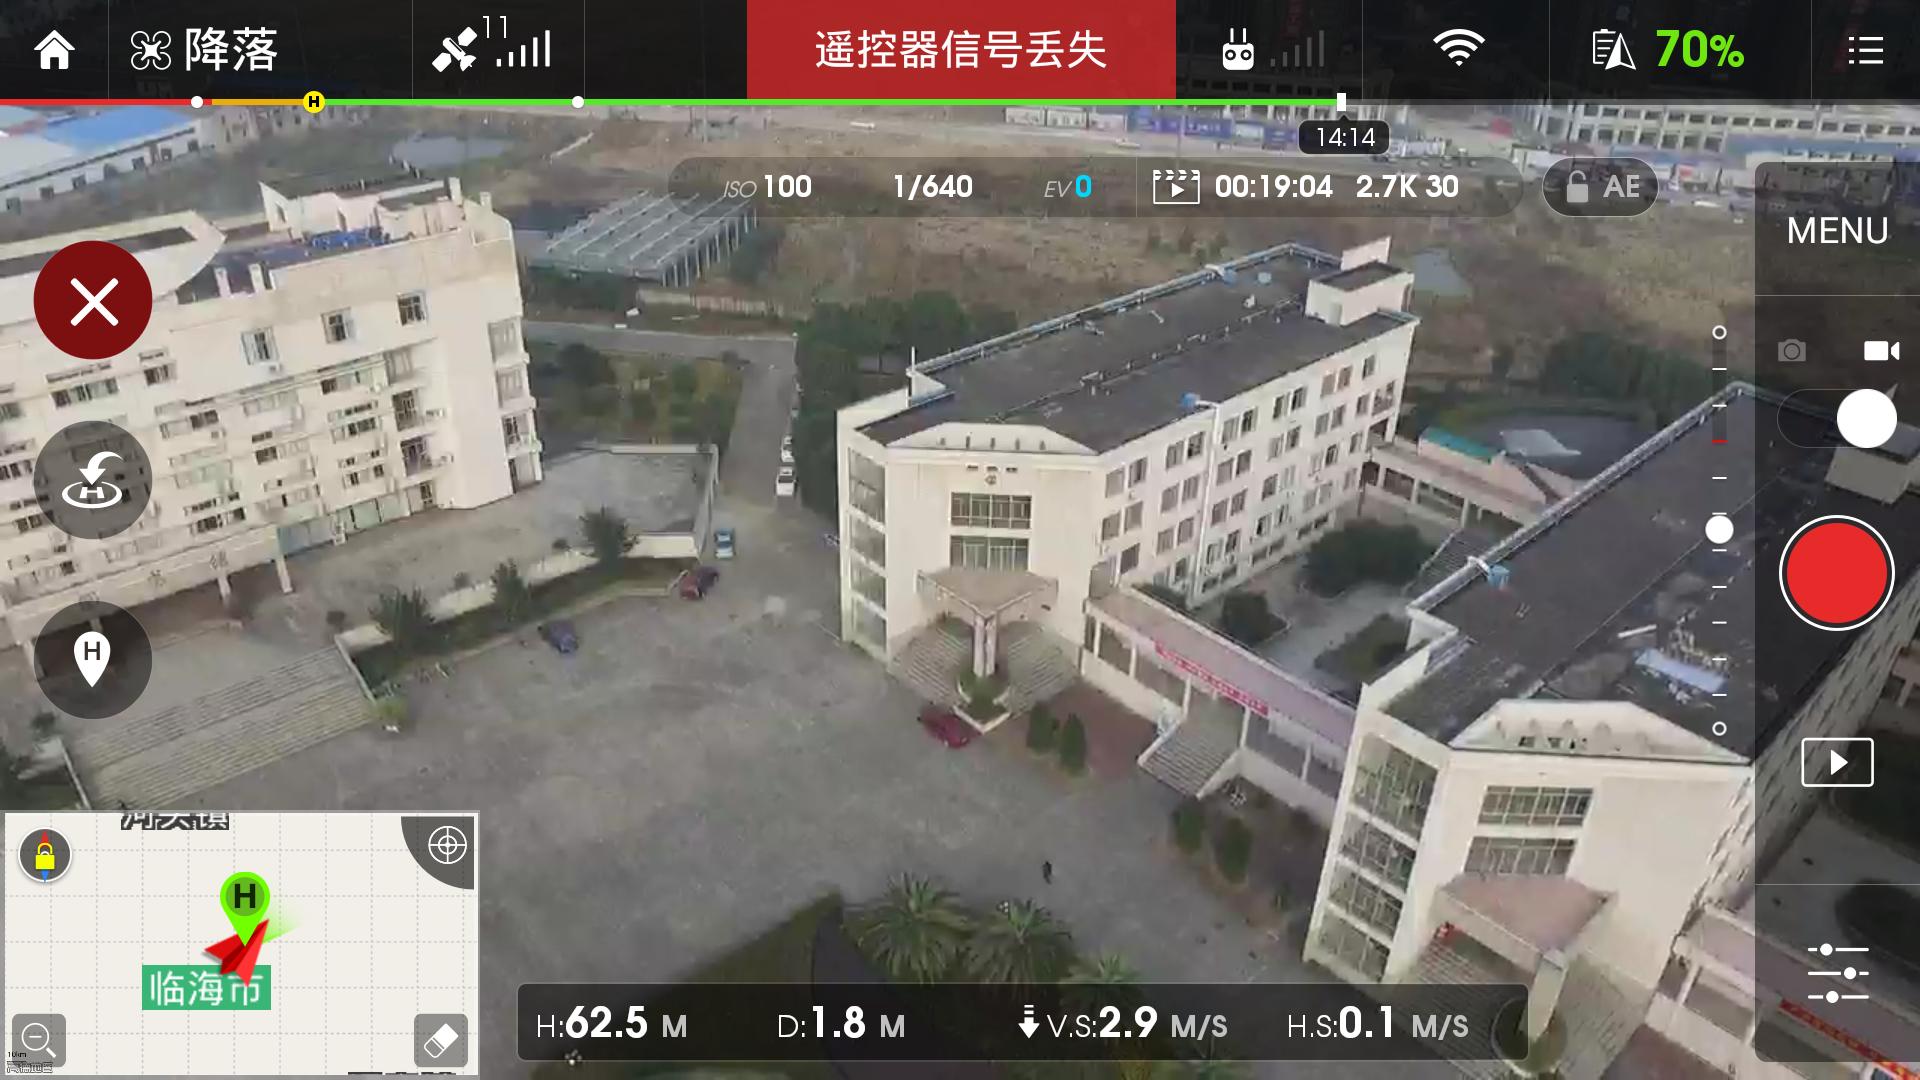 Screenshot_2015-12-31-14-28-41_dji.pilot.png